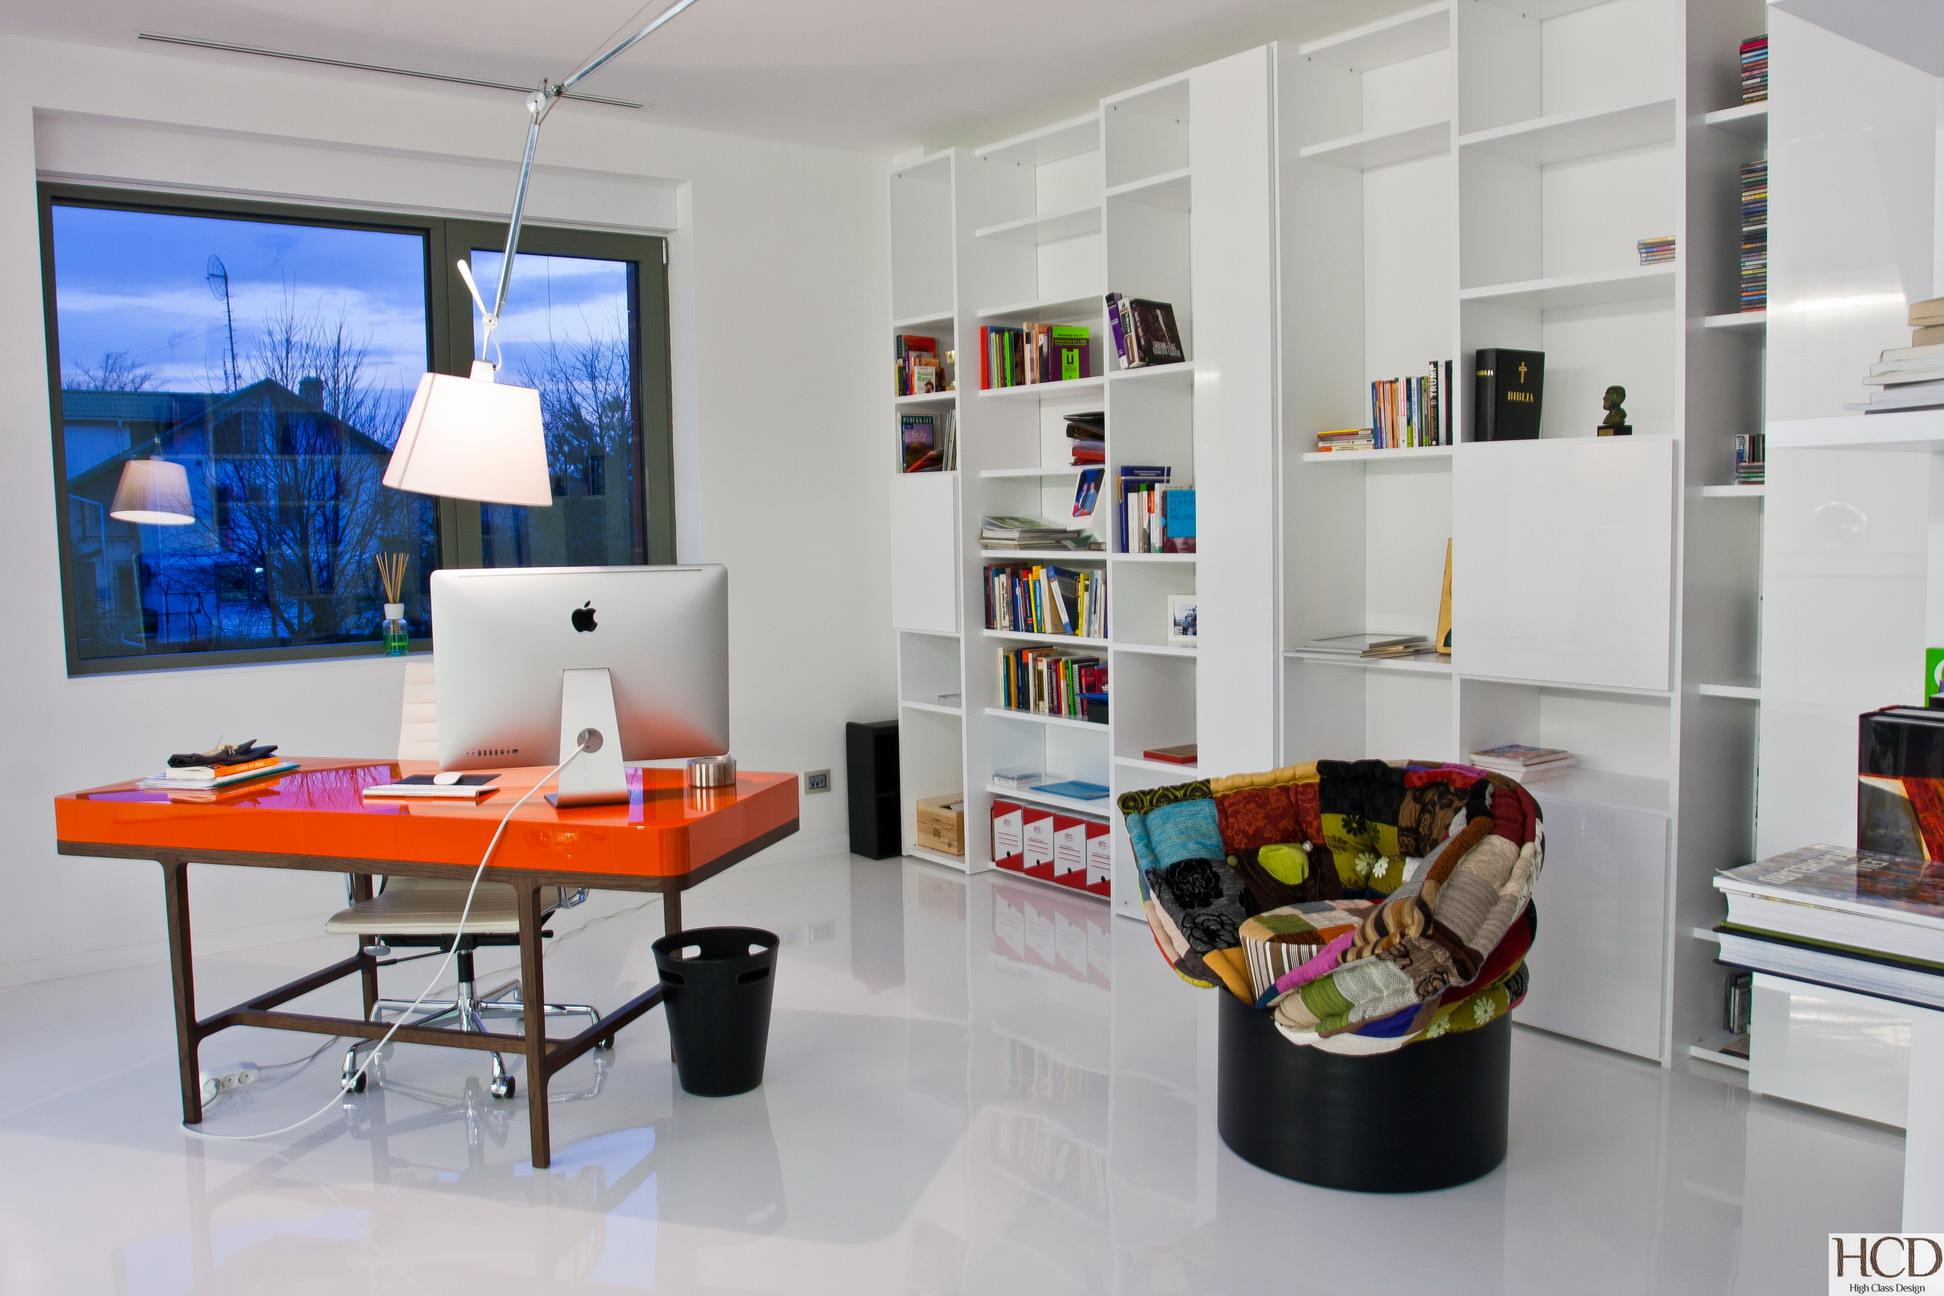 mobila-casa-vila-bufta-mobilier-comanda-hcd-trivenus-15_resize